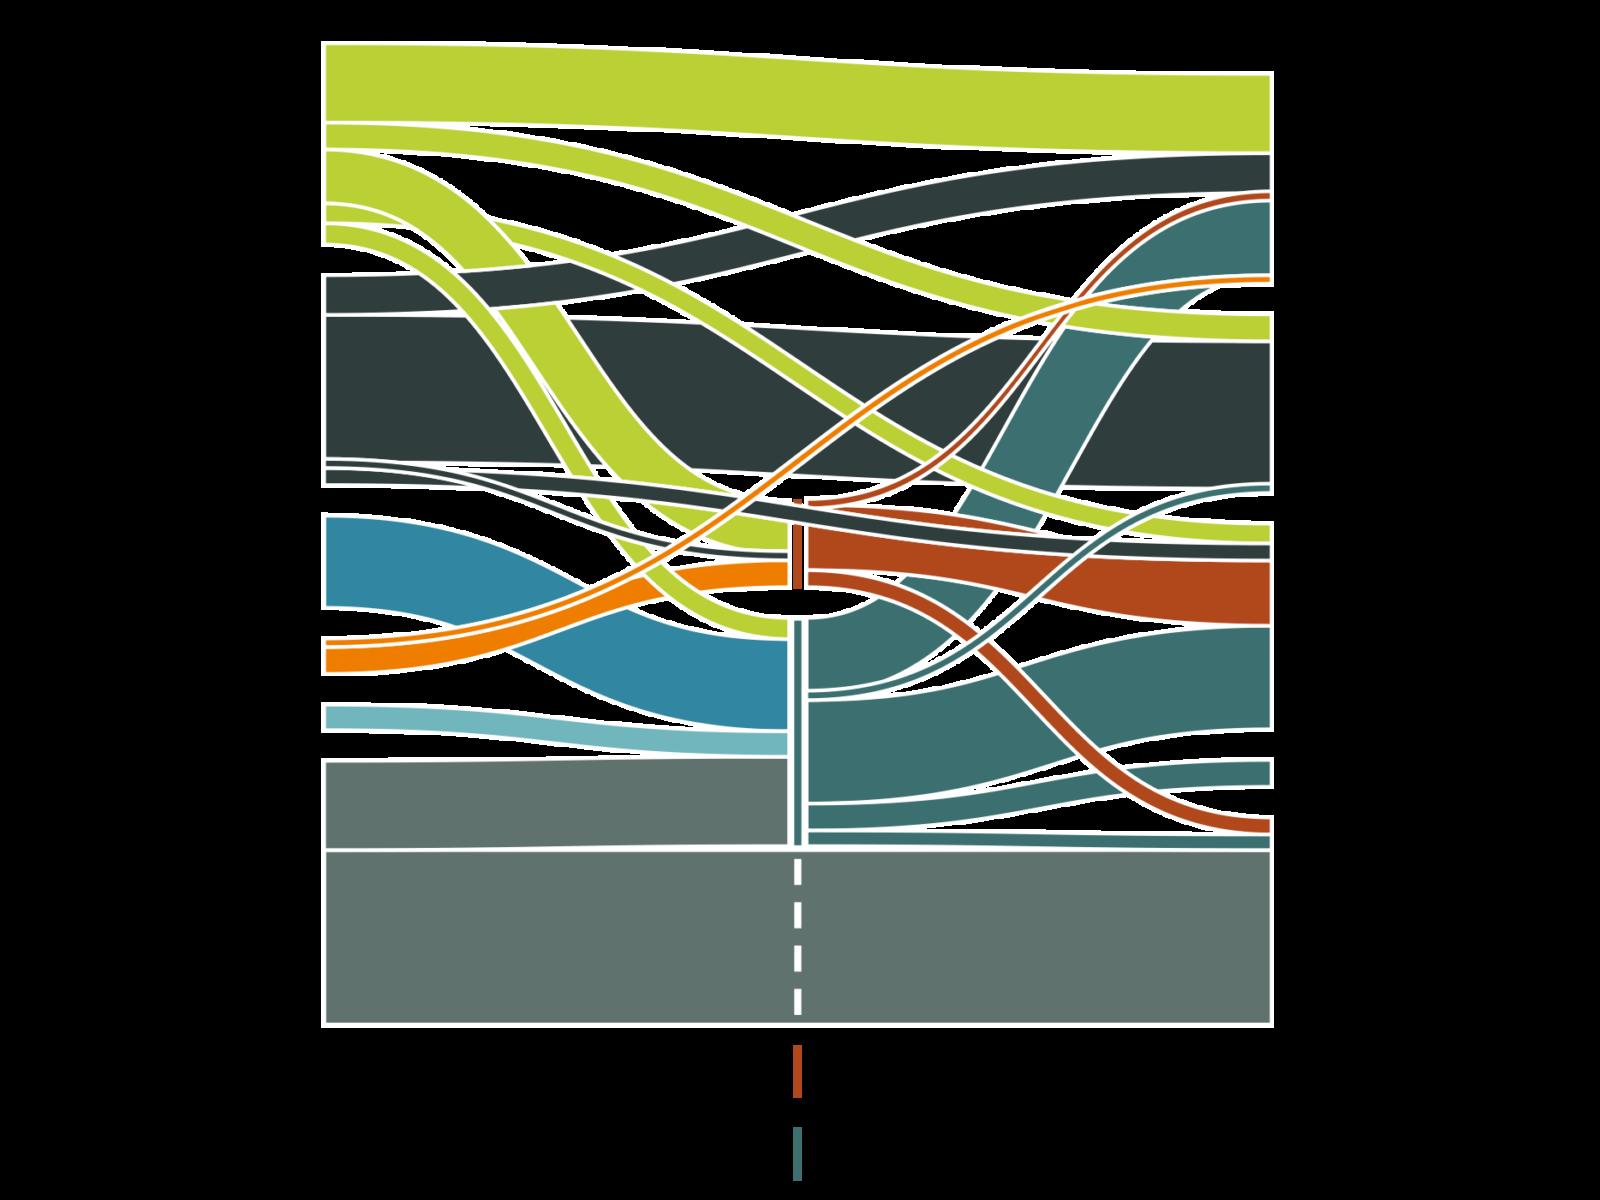 diagram, Fossilfritt, förnybart, flexibelt - Framtidens hållbara energisystem, energirapport,